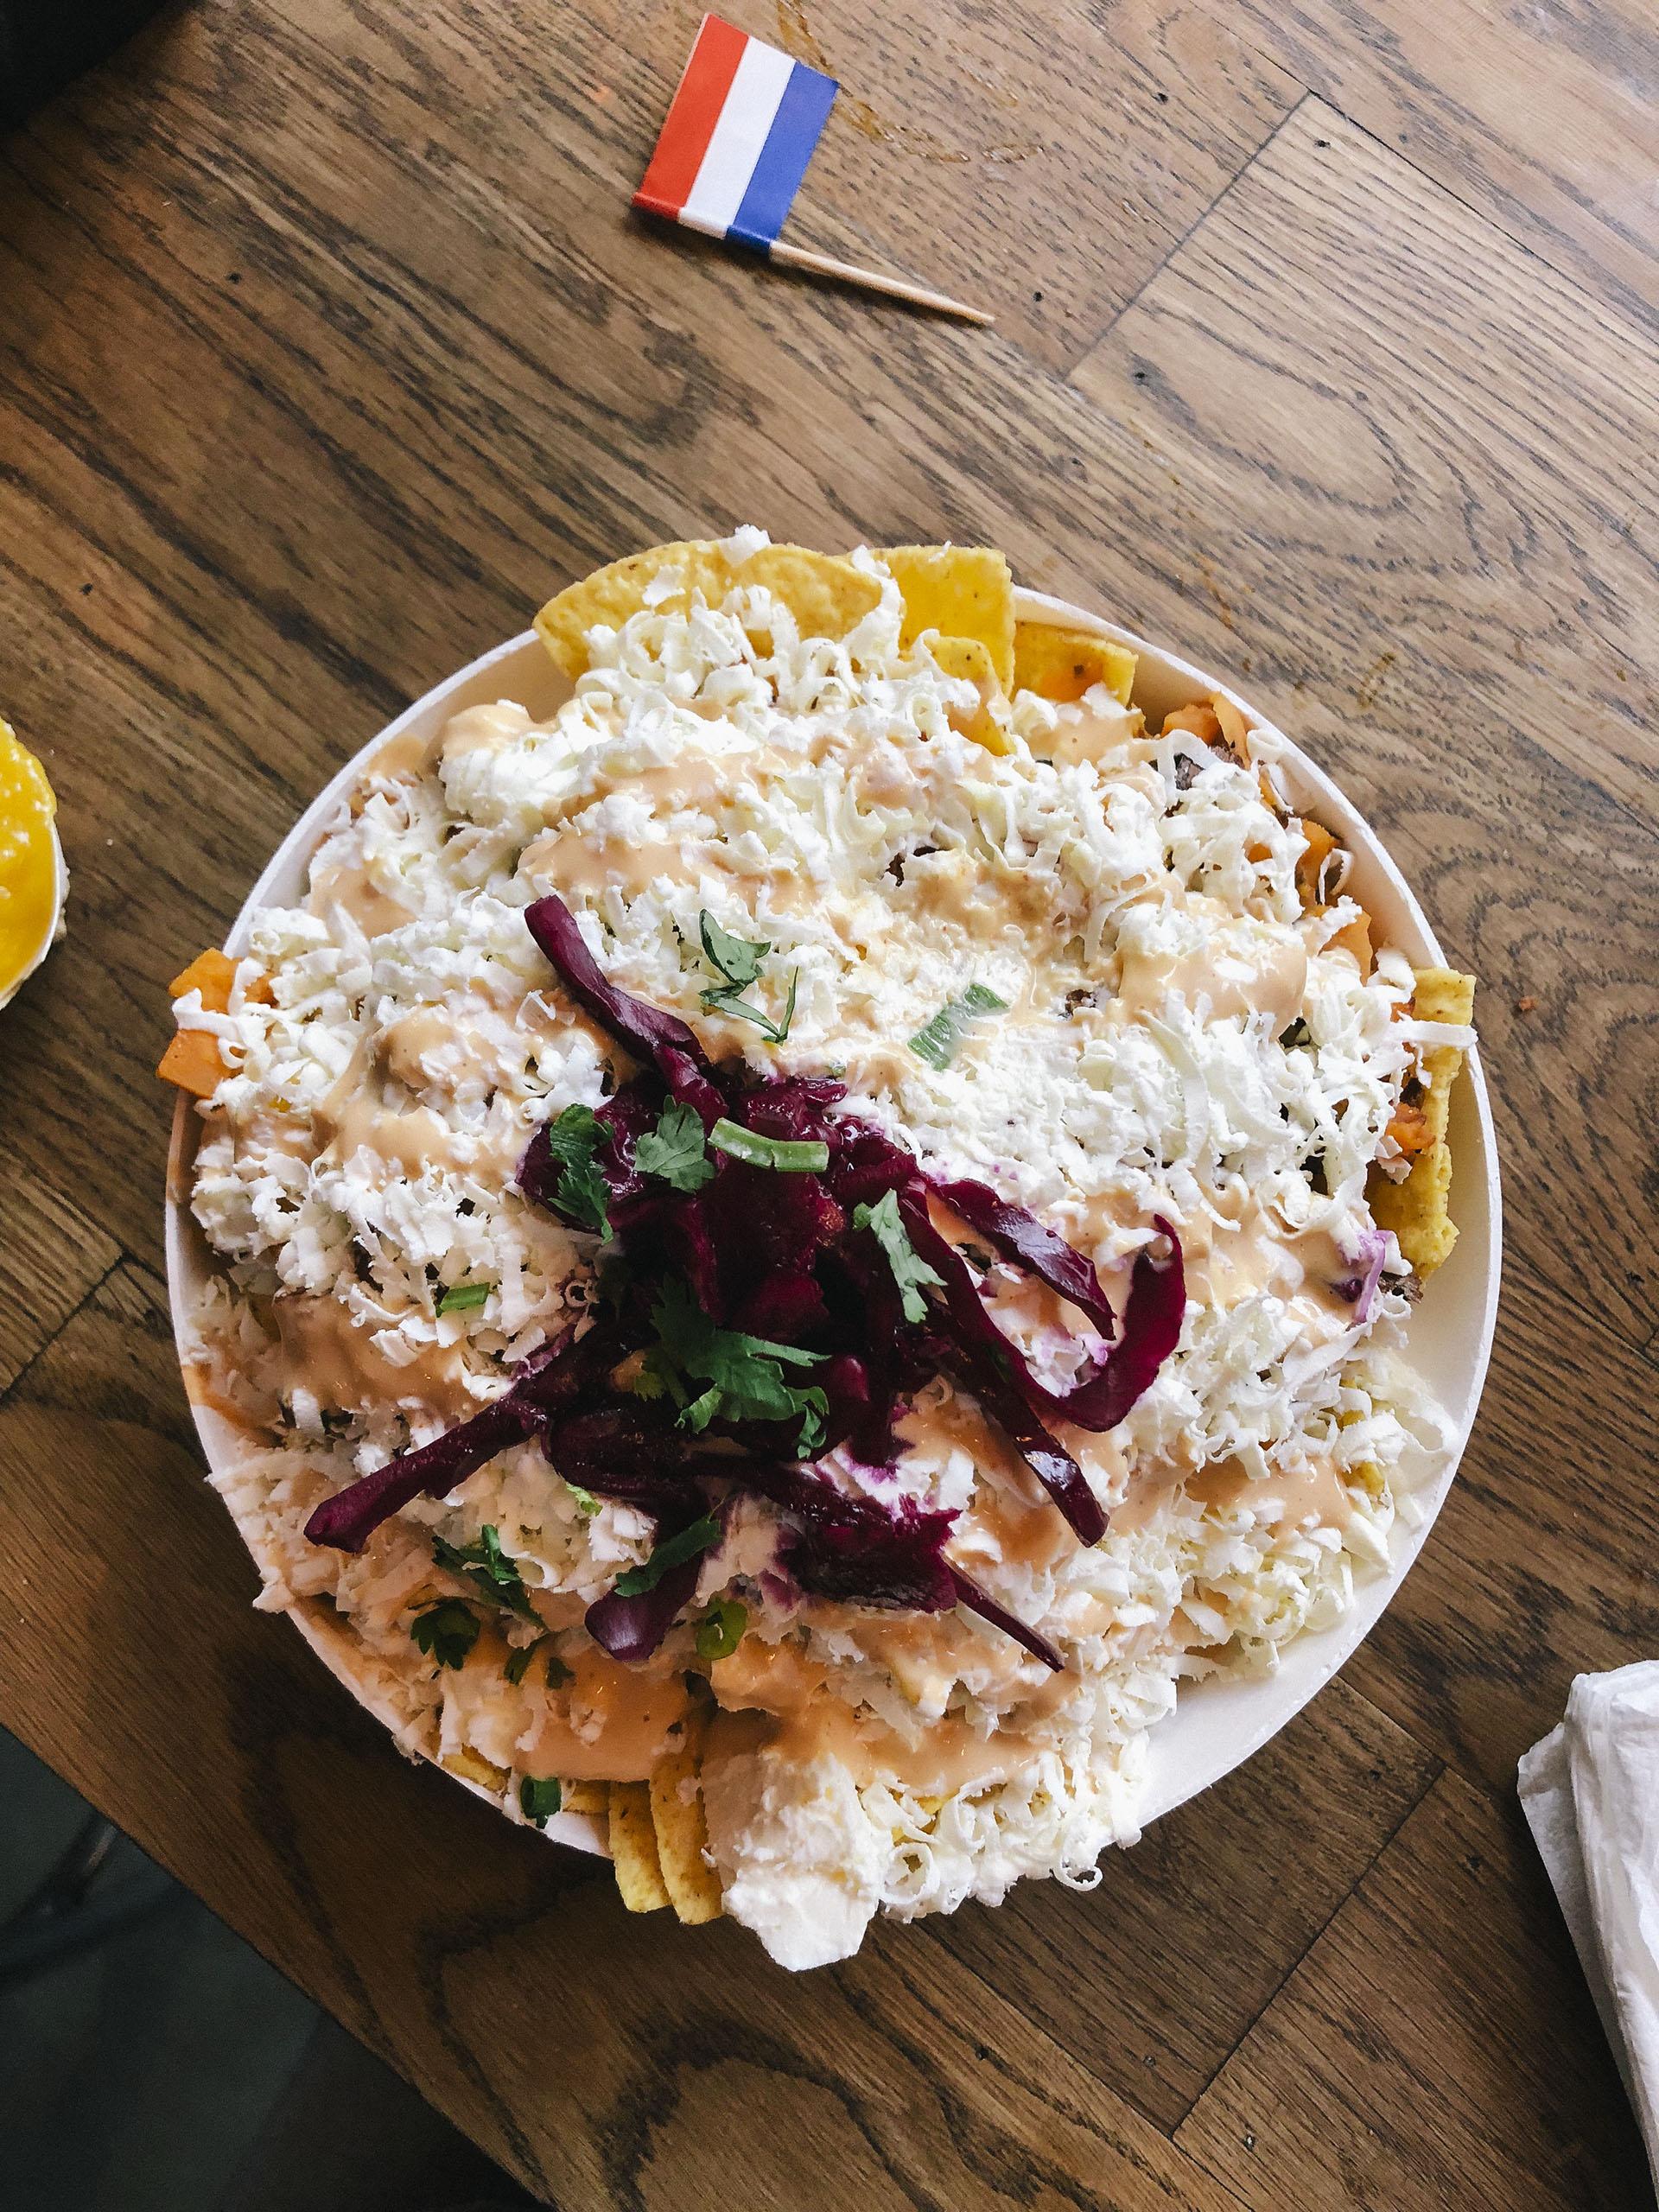 Sweet potato nachos at Foodhallen